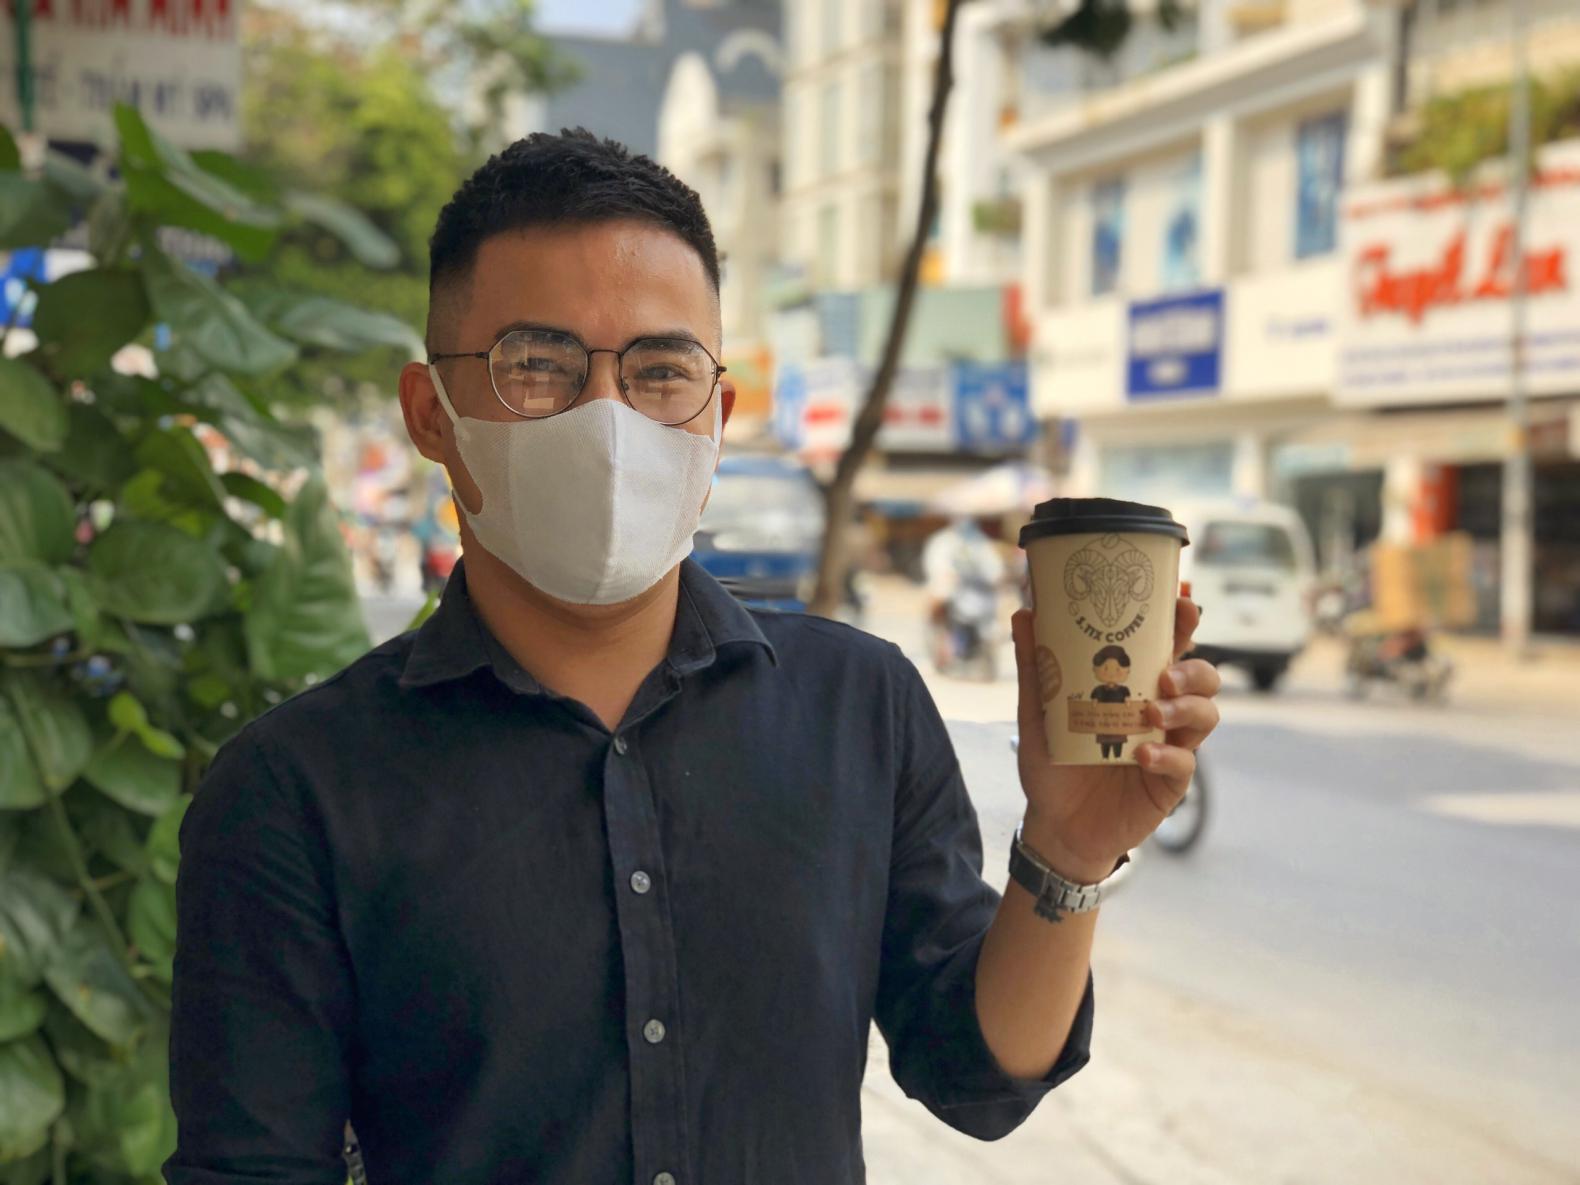 Cùng S.Tix Coffee lan tỏa các biện pháp phòng ngừa dịch bệnh Covid-19 - Ảnh 4.